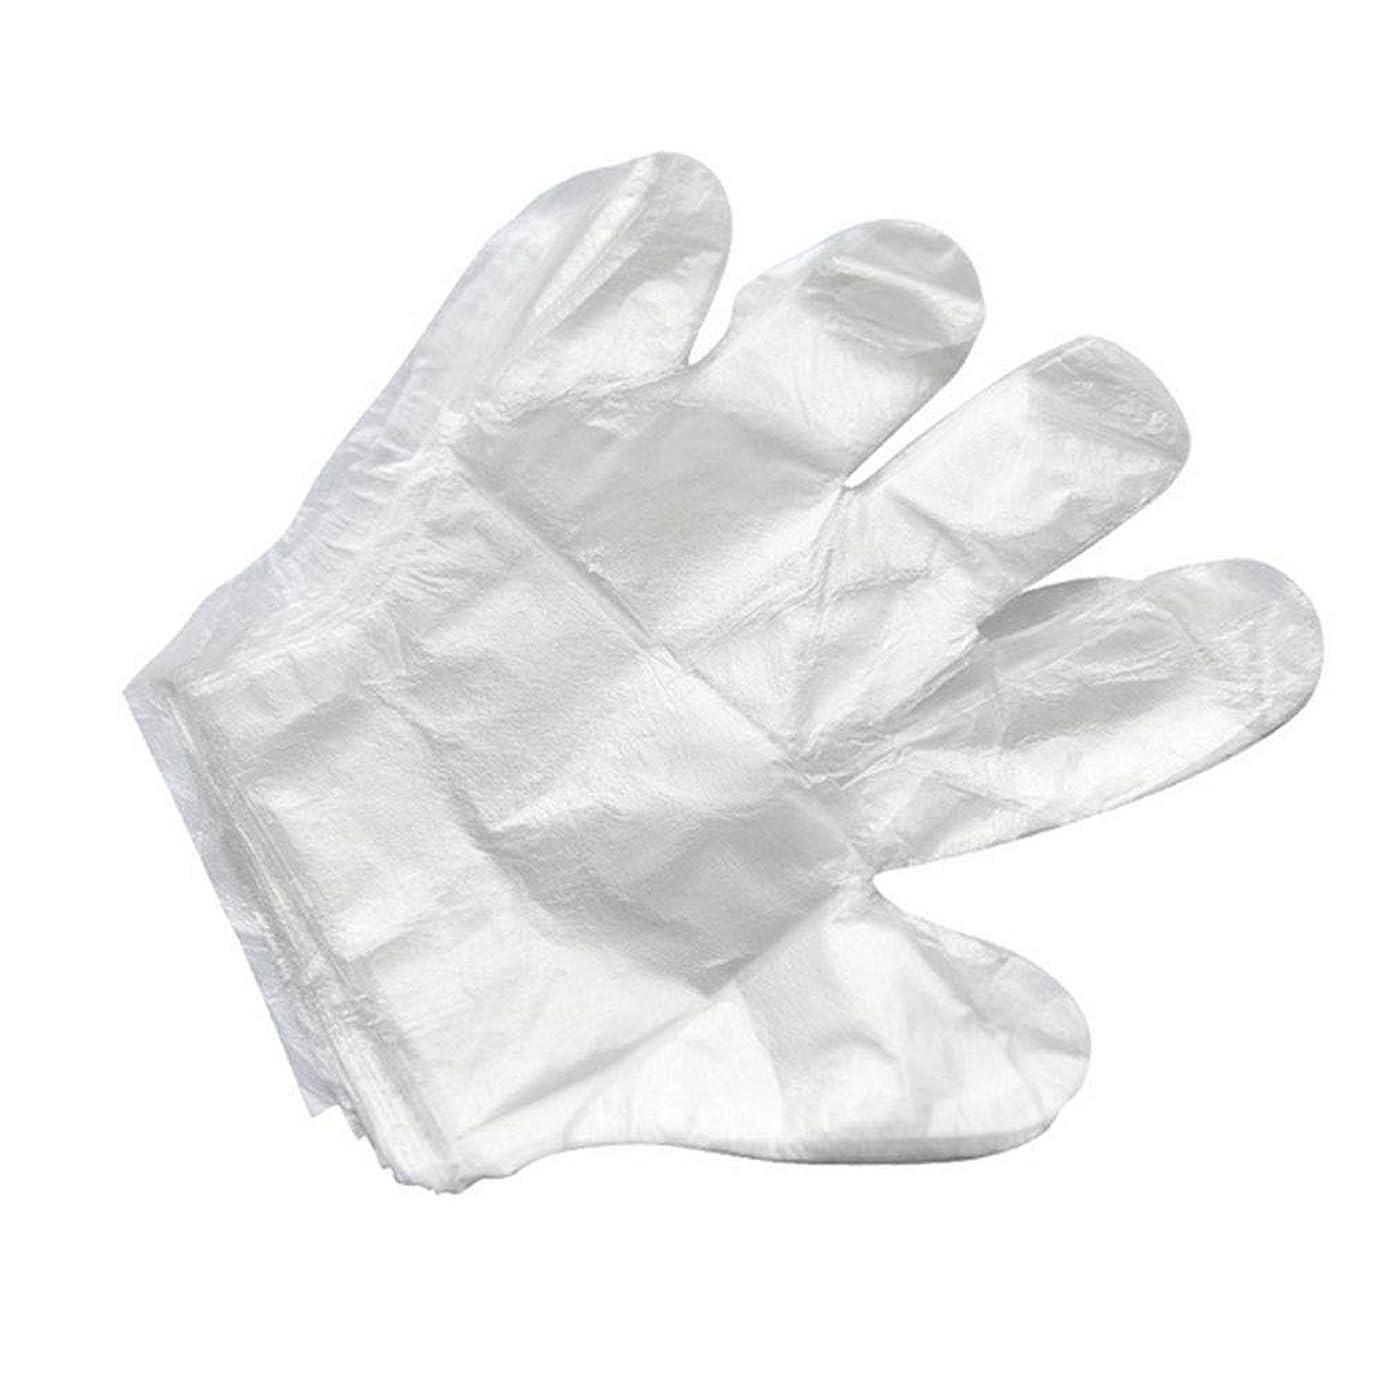 ランチョン添付イデオロギー使い捨て手袋バーベキューアクセサリー高度なキャスティング手袋使い捨てケータリングDIYクリーニングヘアダイ食品グレードプラスチック手袋(2000)透明のみ